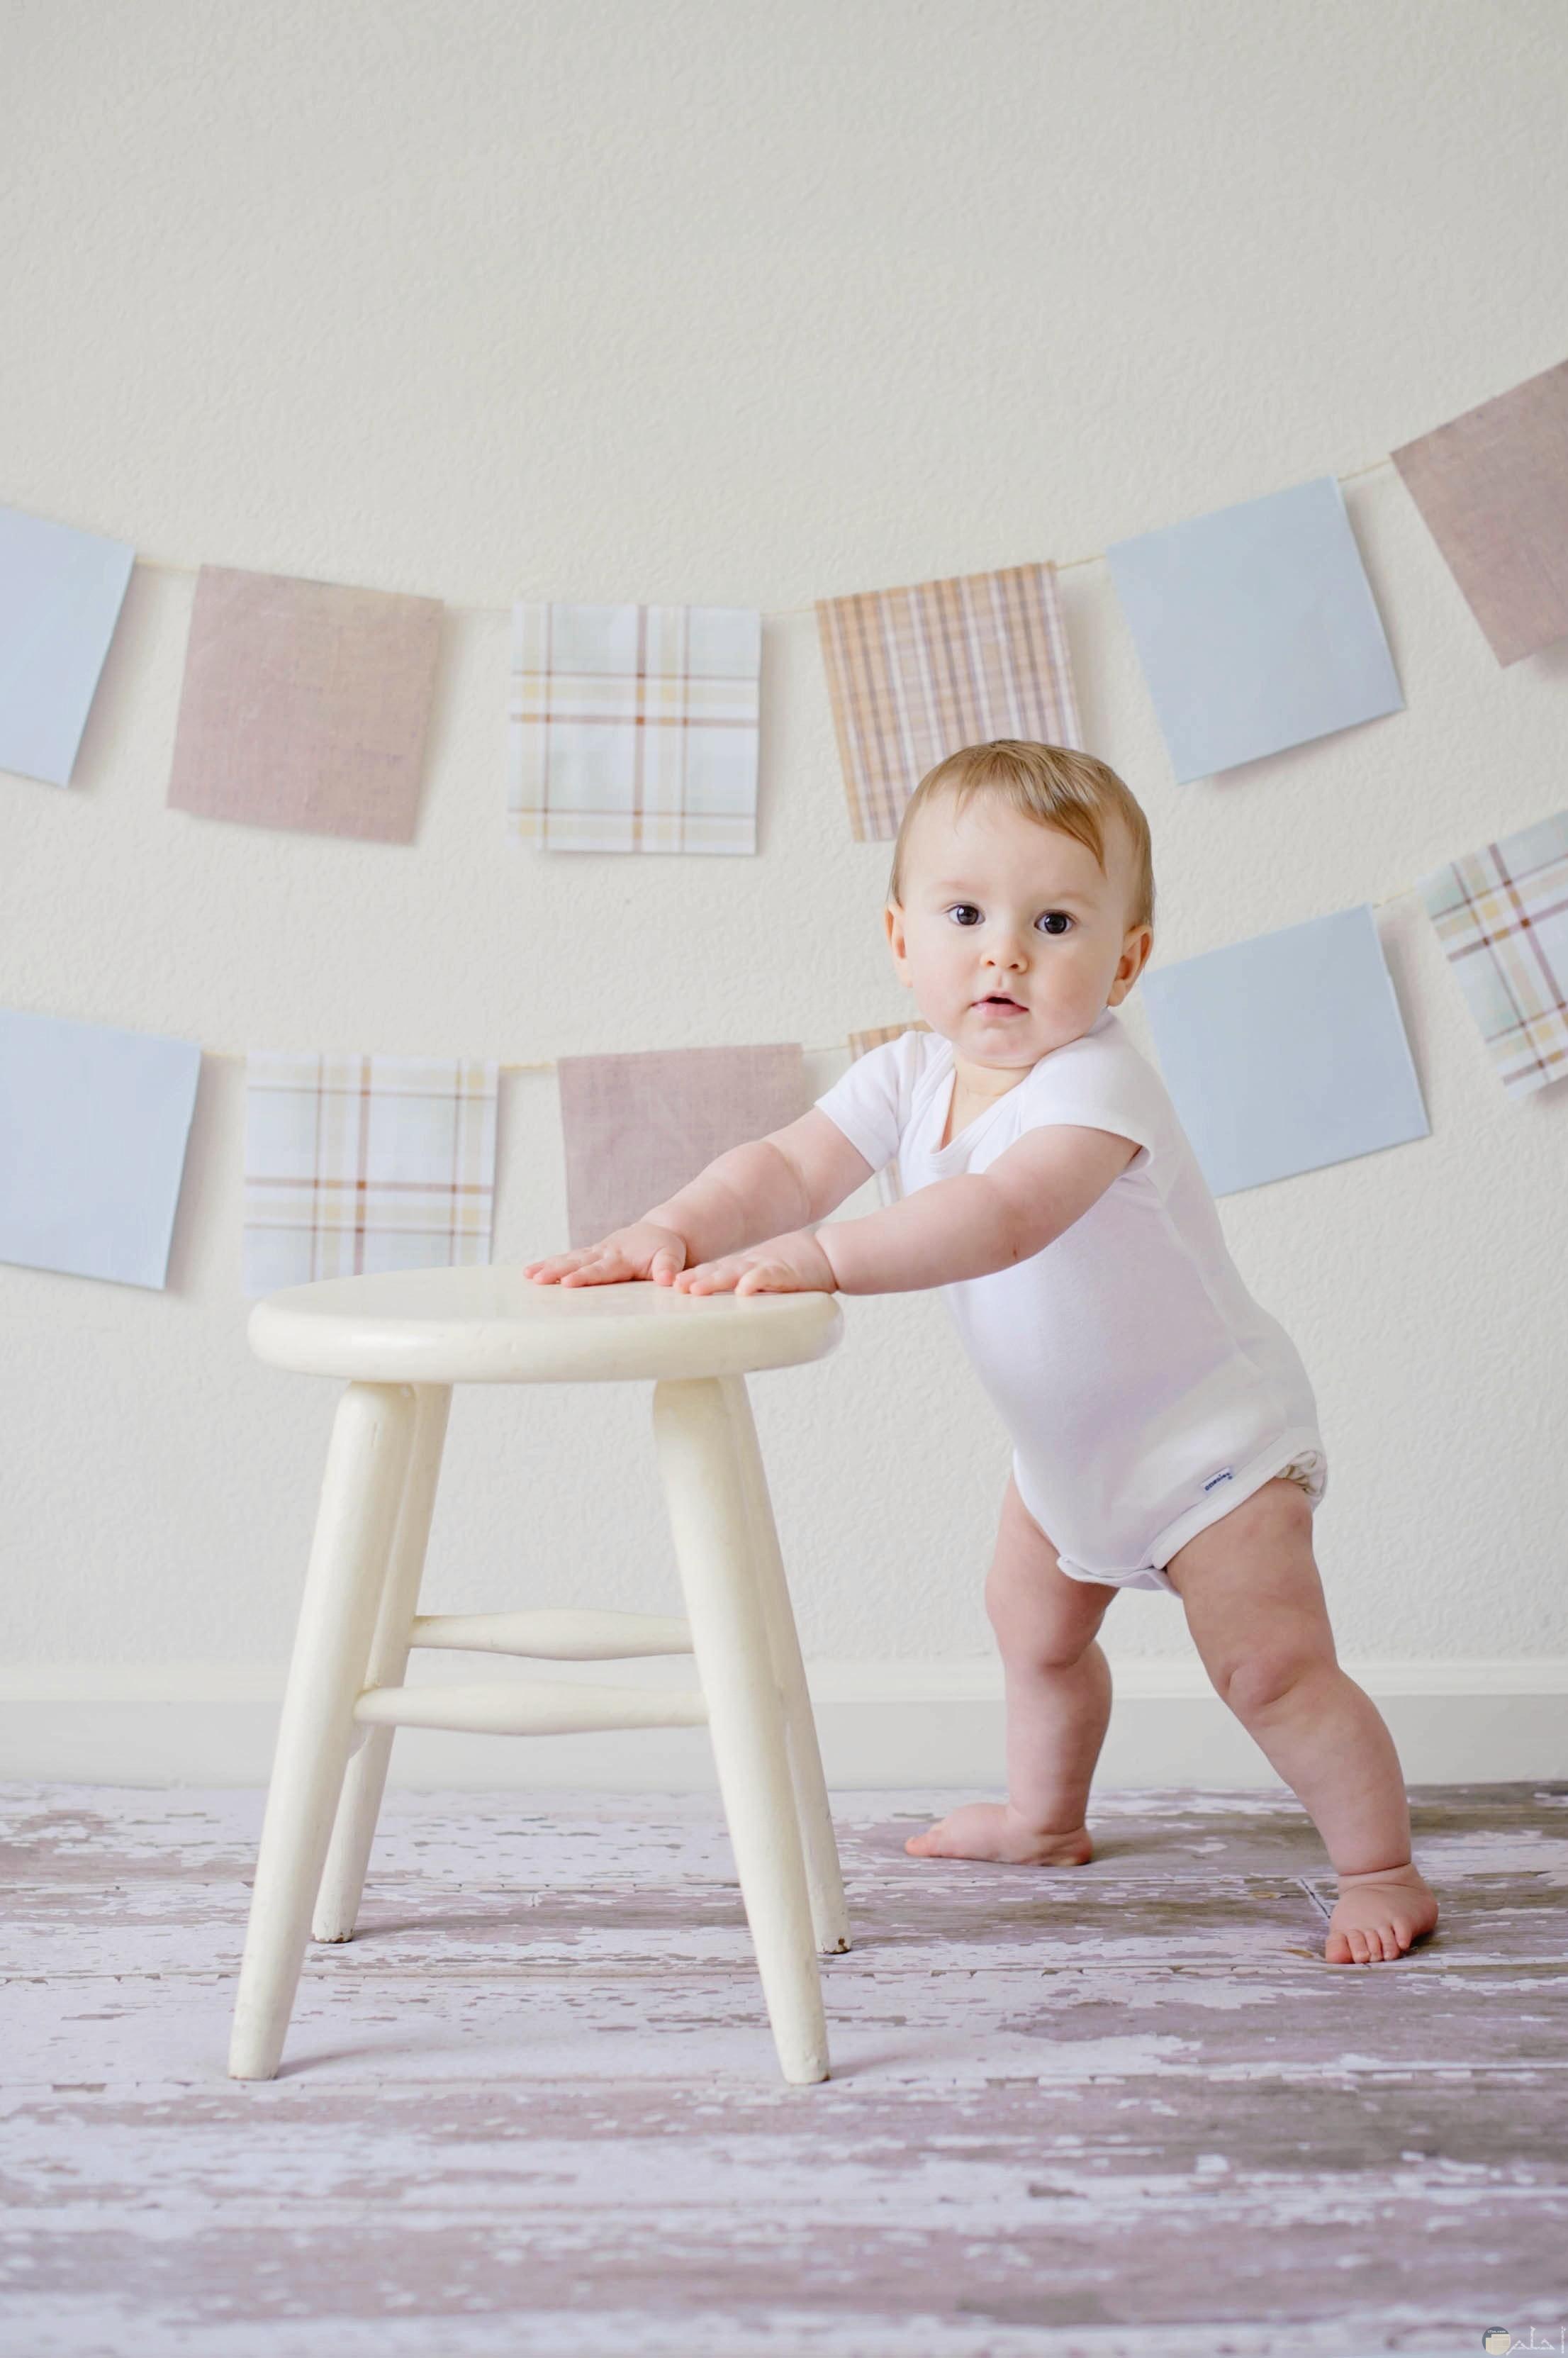 صورة مميزة لطفل صغير جميل يسند علي الكرسي